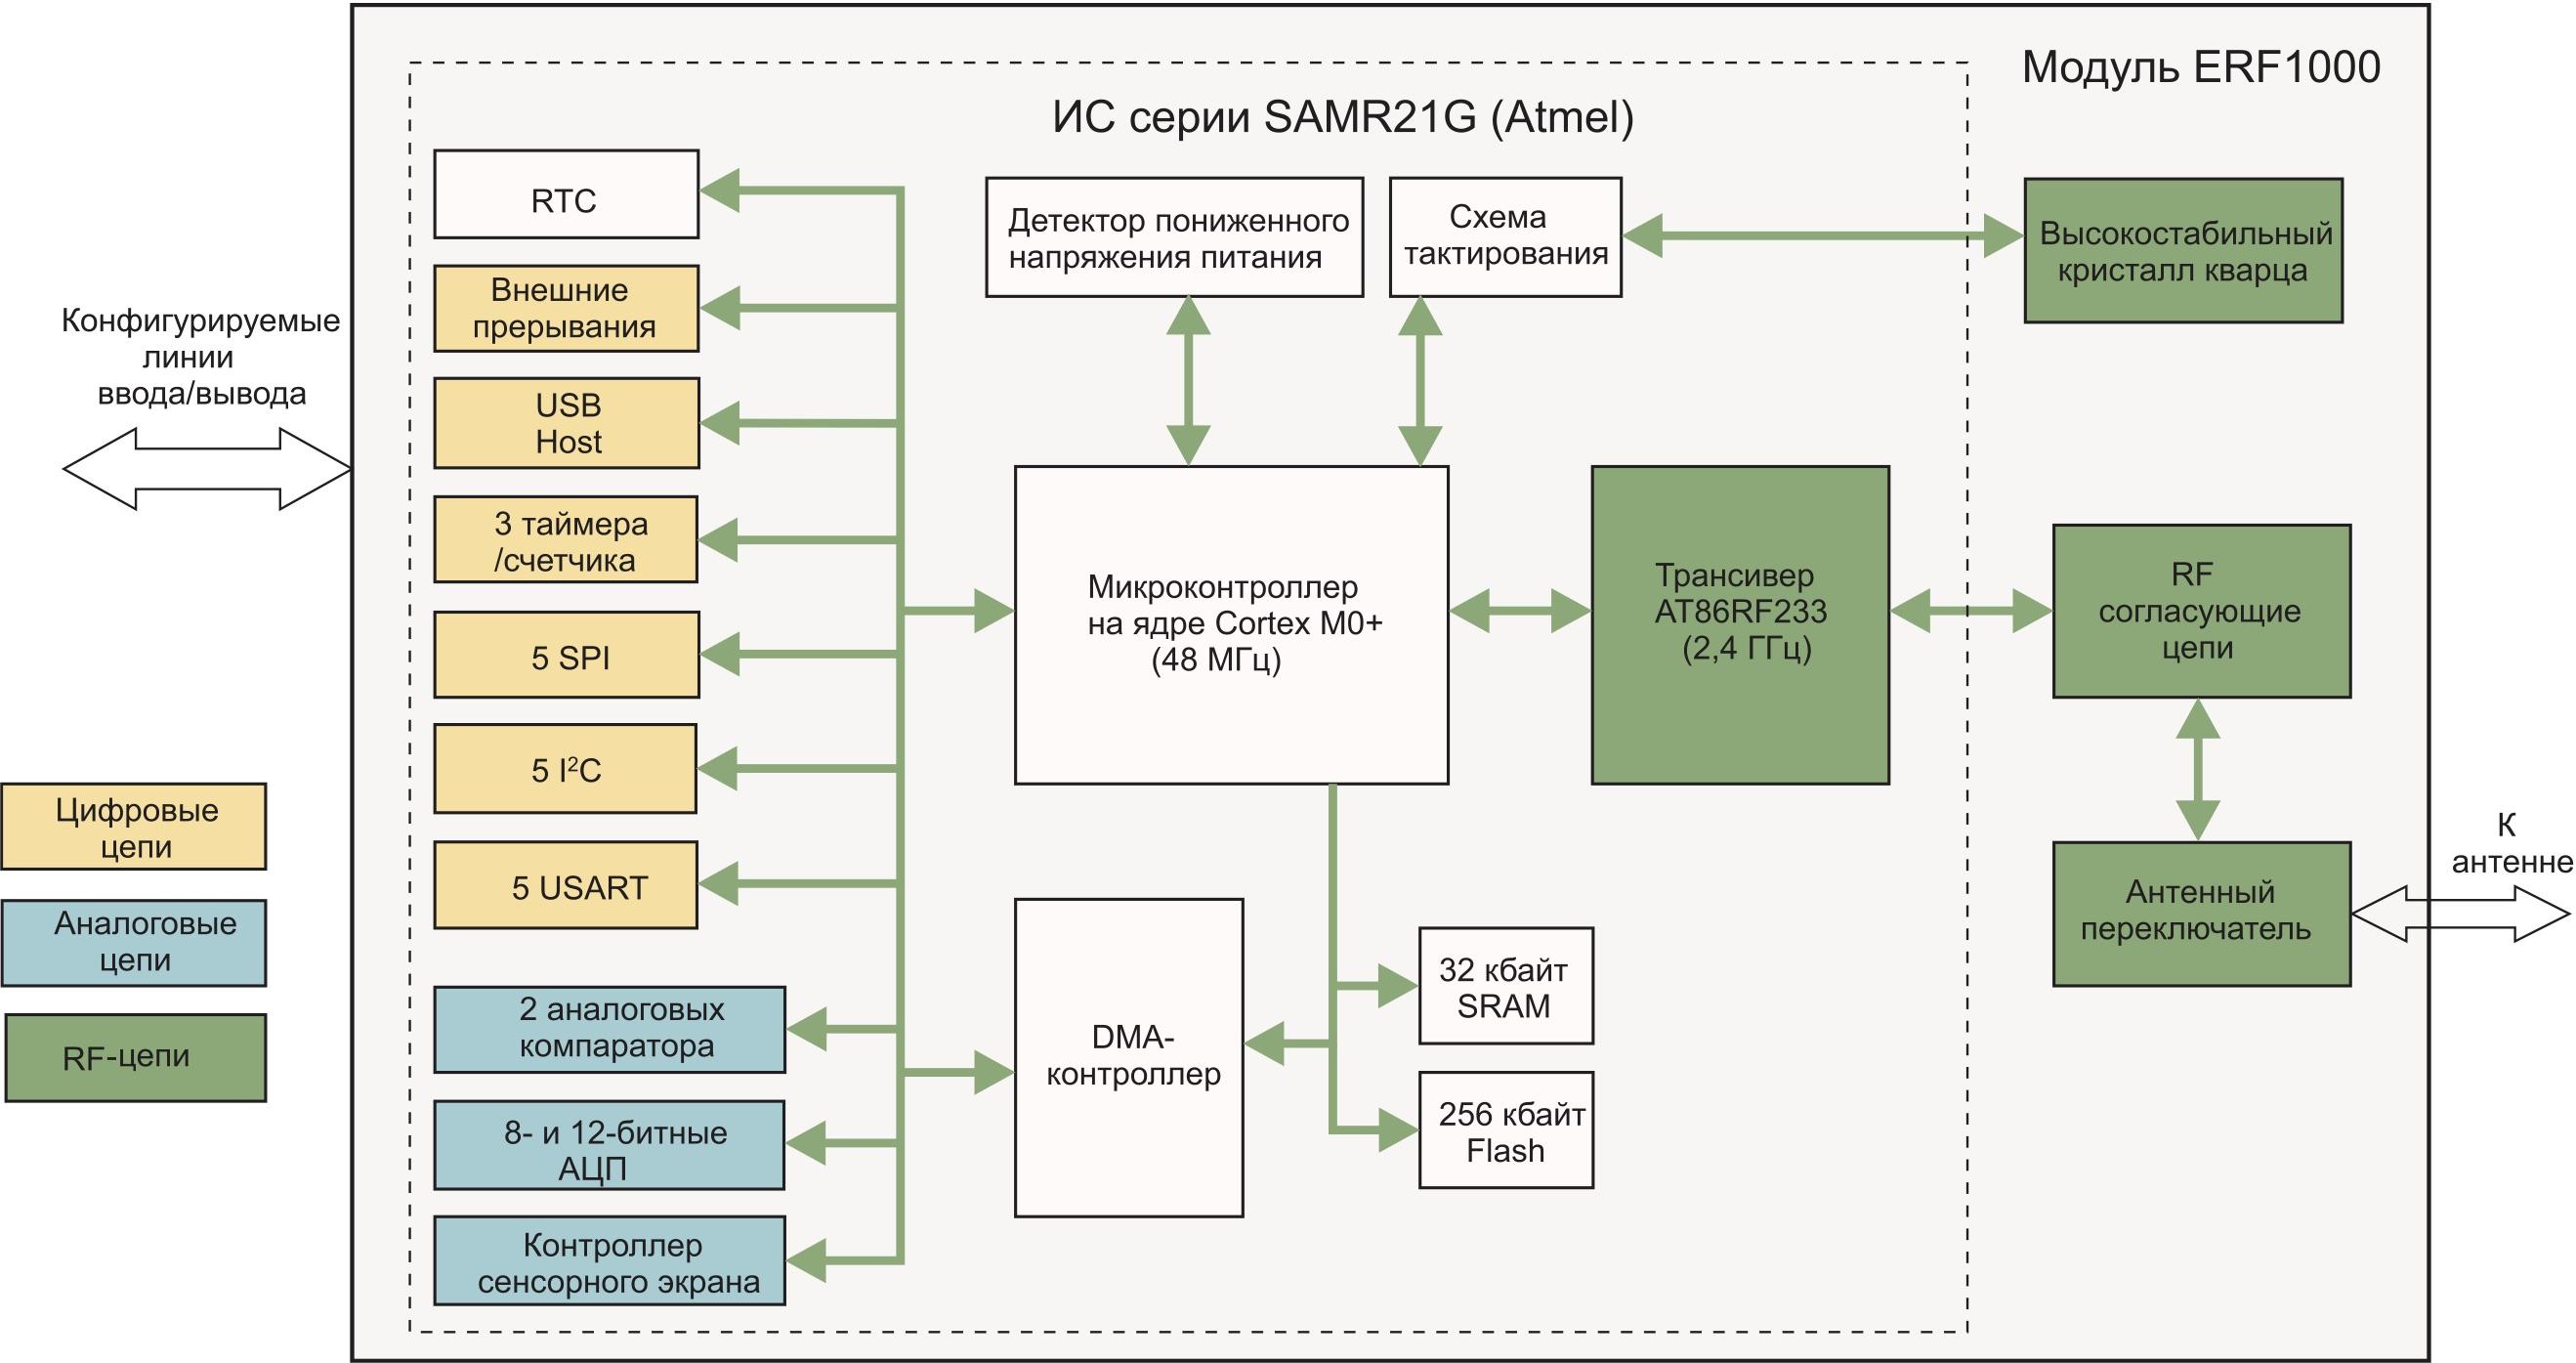 Структурная схема модуля ERF1000